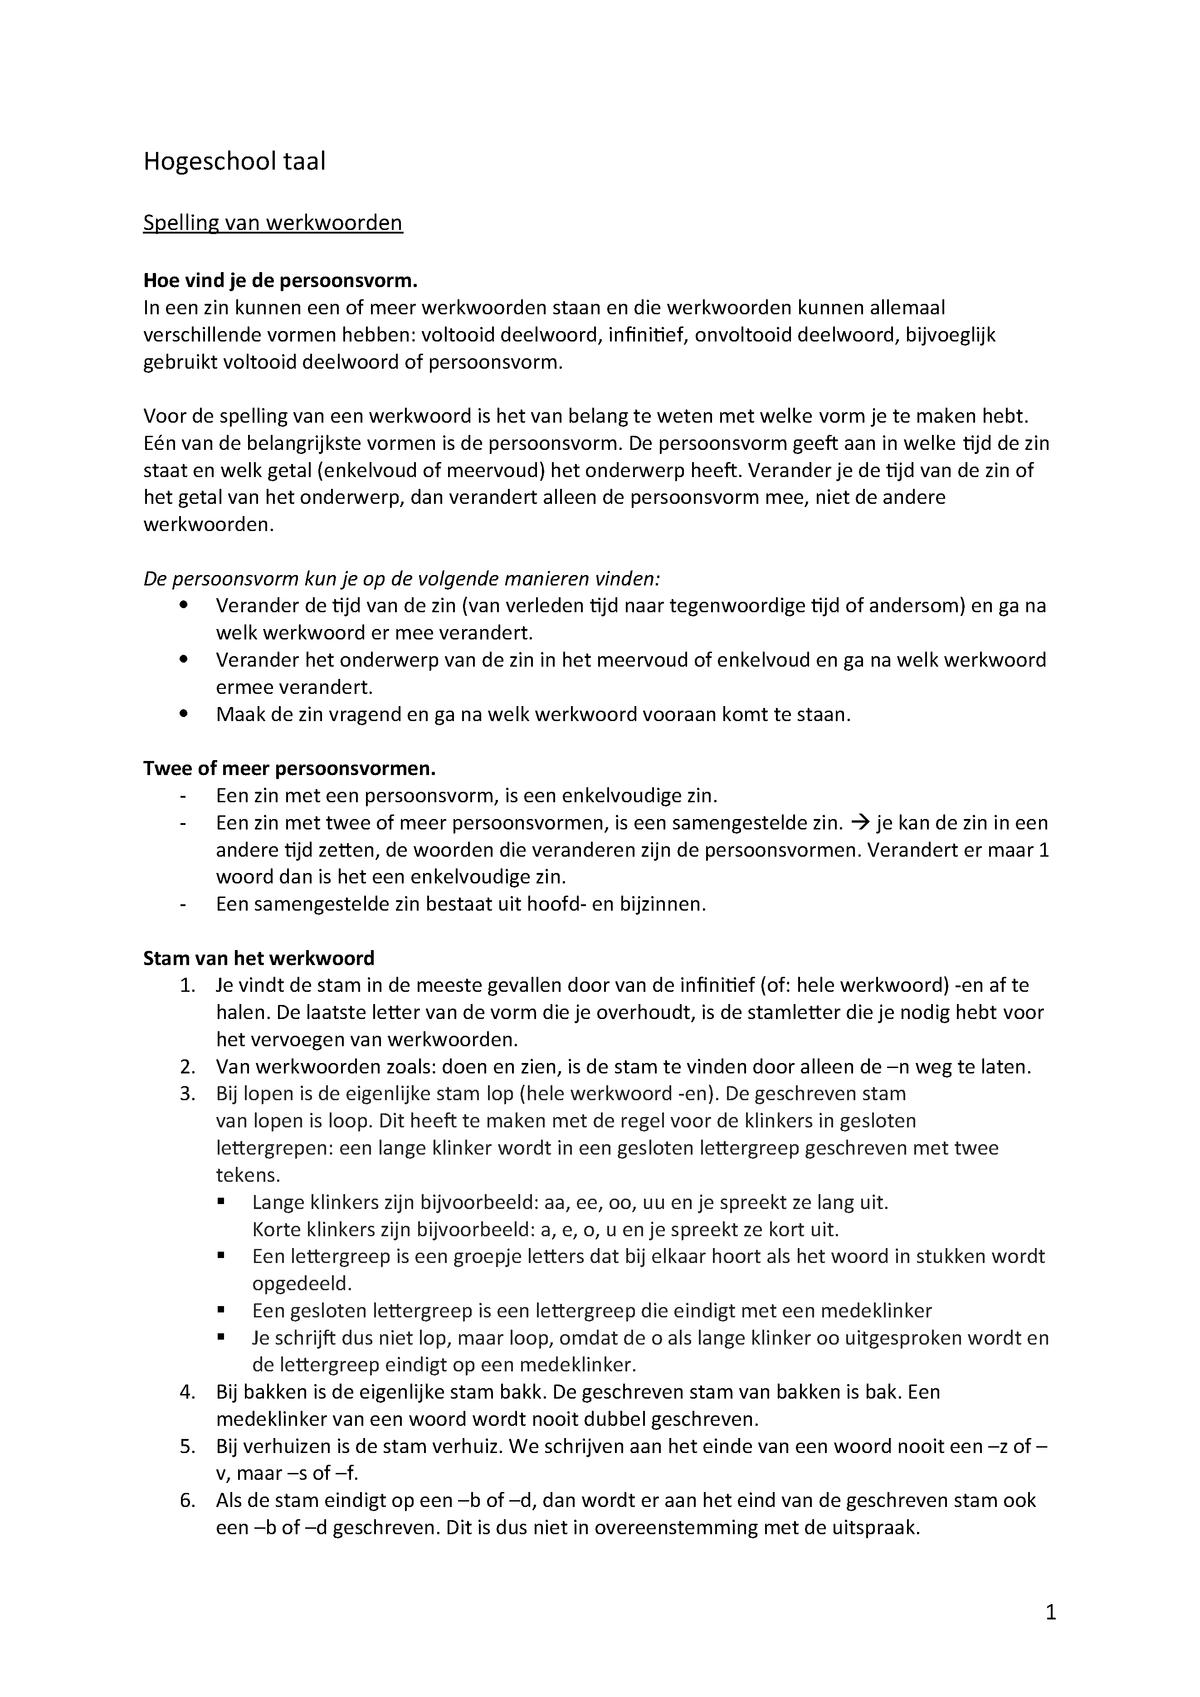 Samenvatting - compleet - Op c1 niveau - Hogeschooltaal